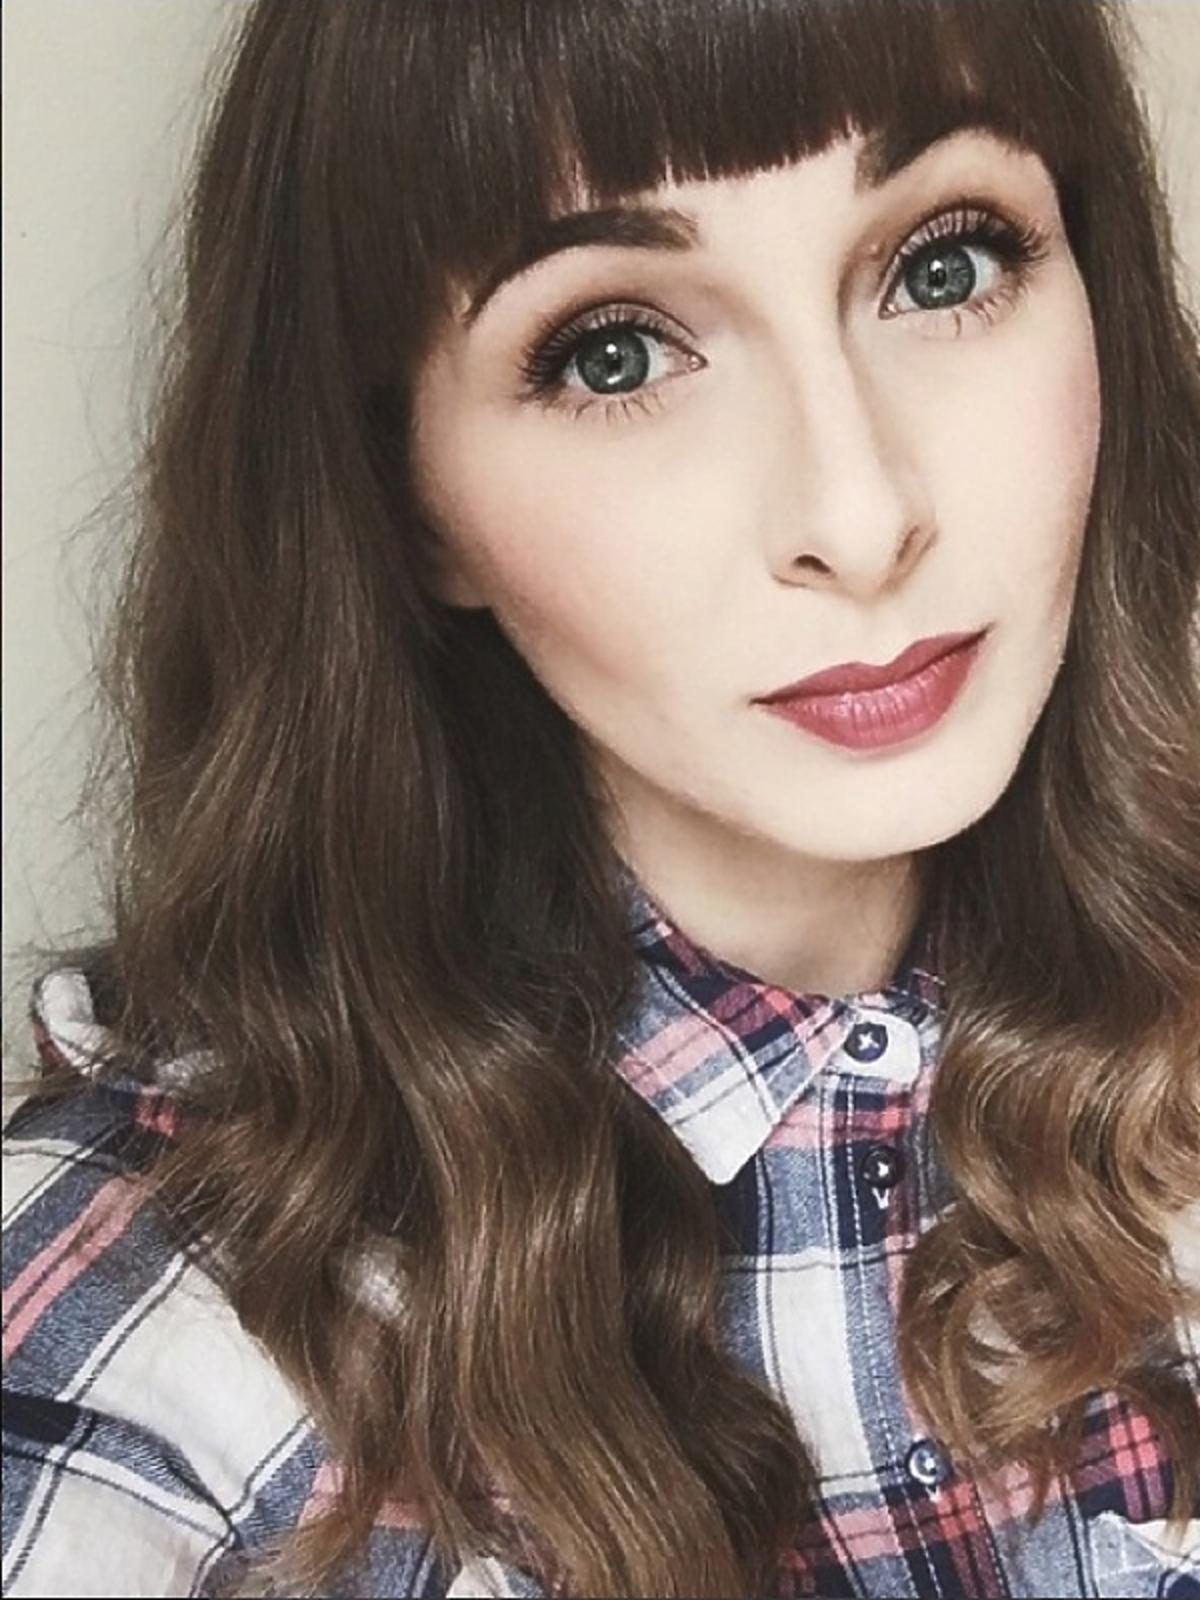 Martyna Ciechnowska Maddinka portret z instagramu